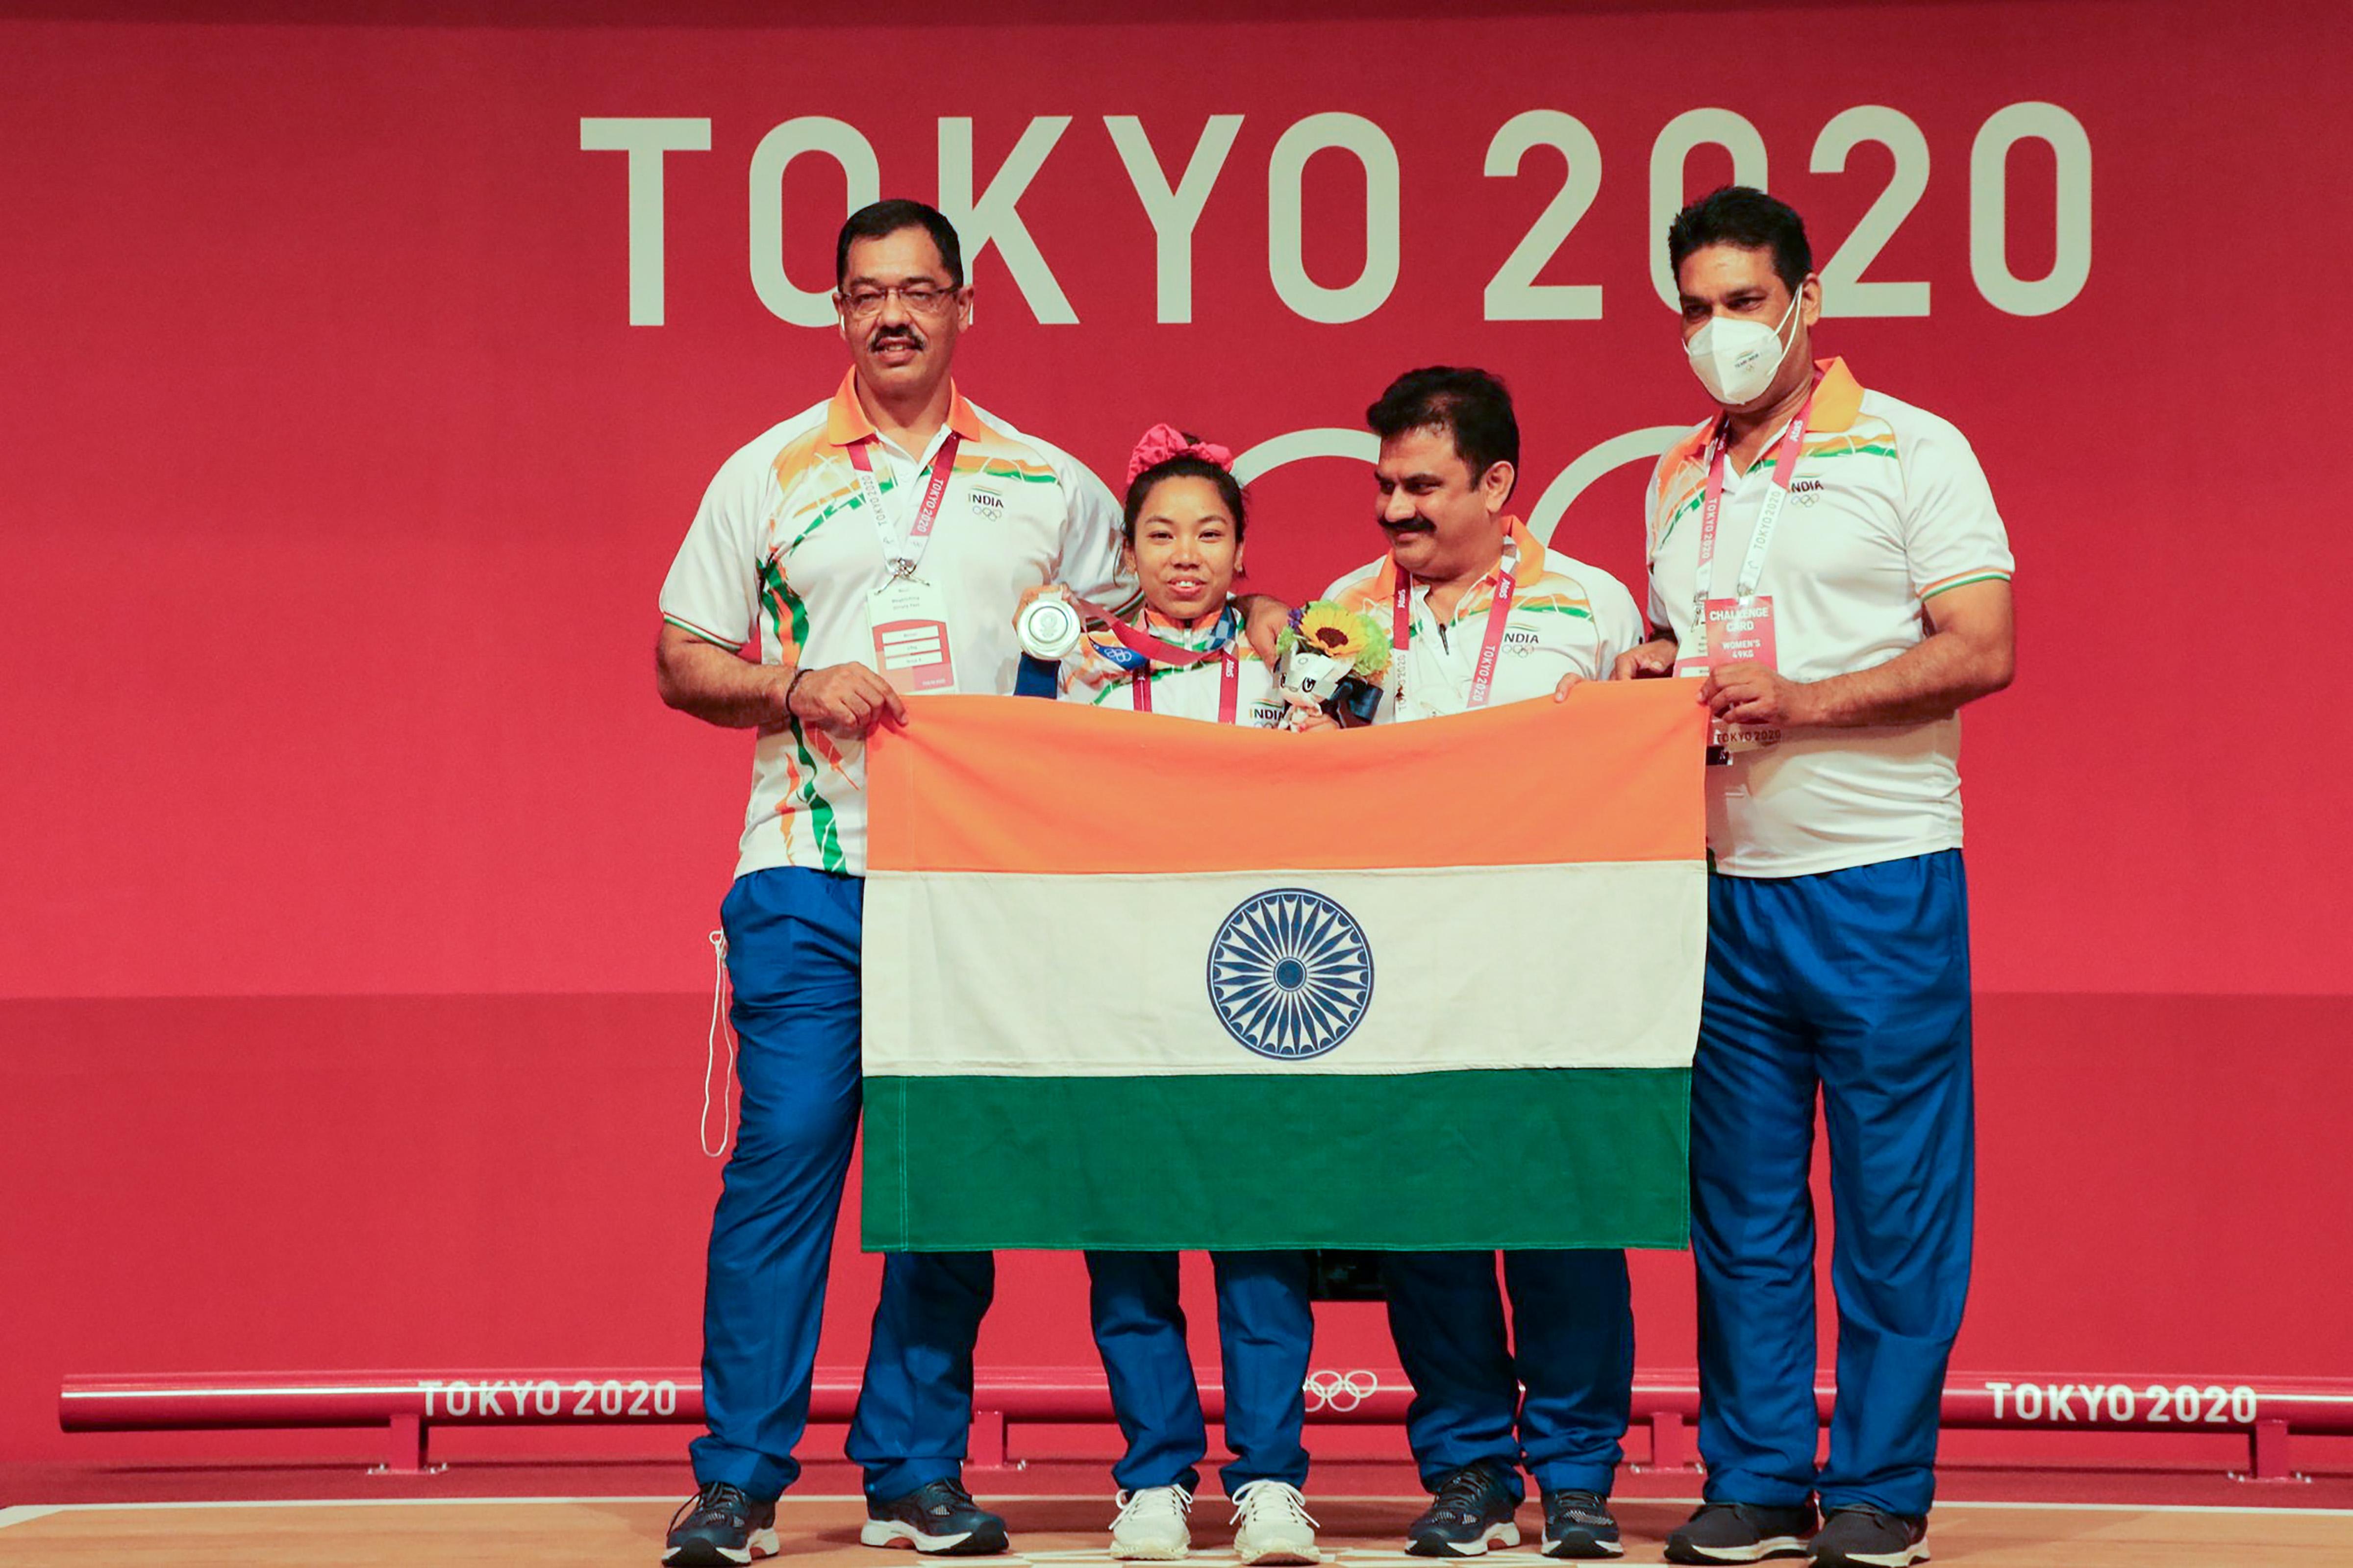 IOA चीफ ने बताया कि सिल्वर मेडल जीतने वाले मीराबाई चानू सोमवार को भारत वापस आ जाएंगी। उन्होंने महिलाओं की 49 किलोग्राम वेट कैटेगरी में कुल 202 किलोग्राम वजन उठाकर सिल्वर मेडल जीता।